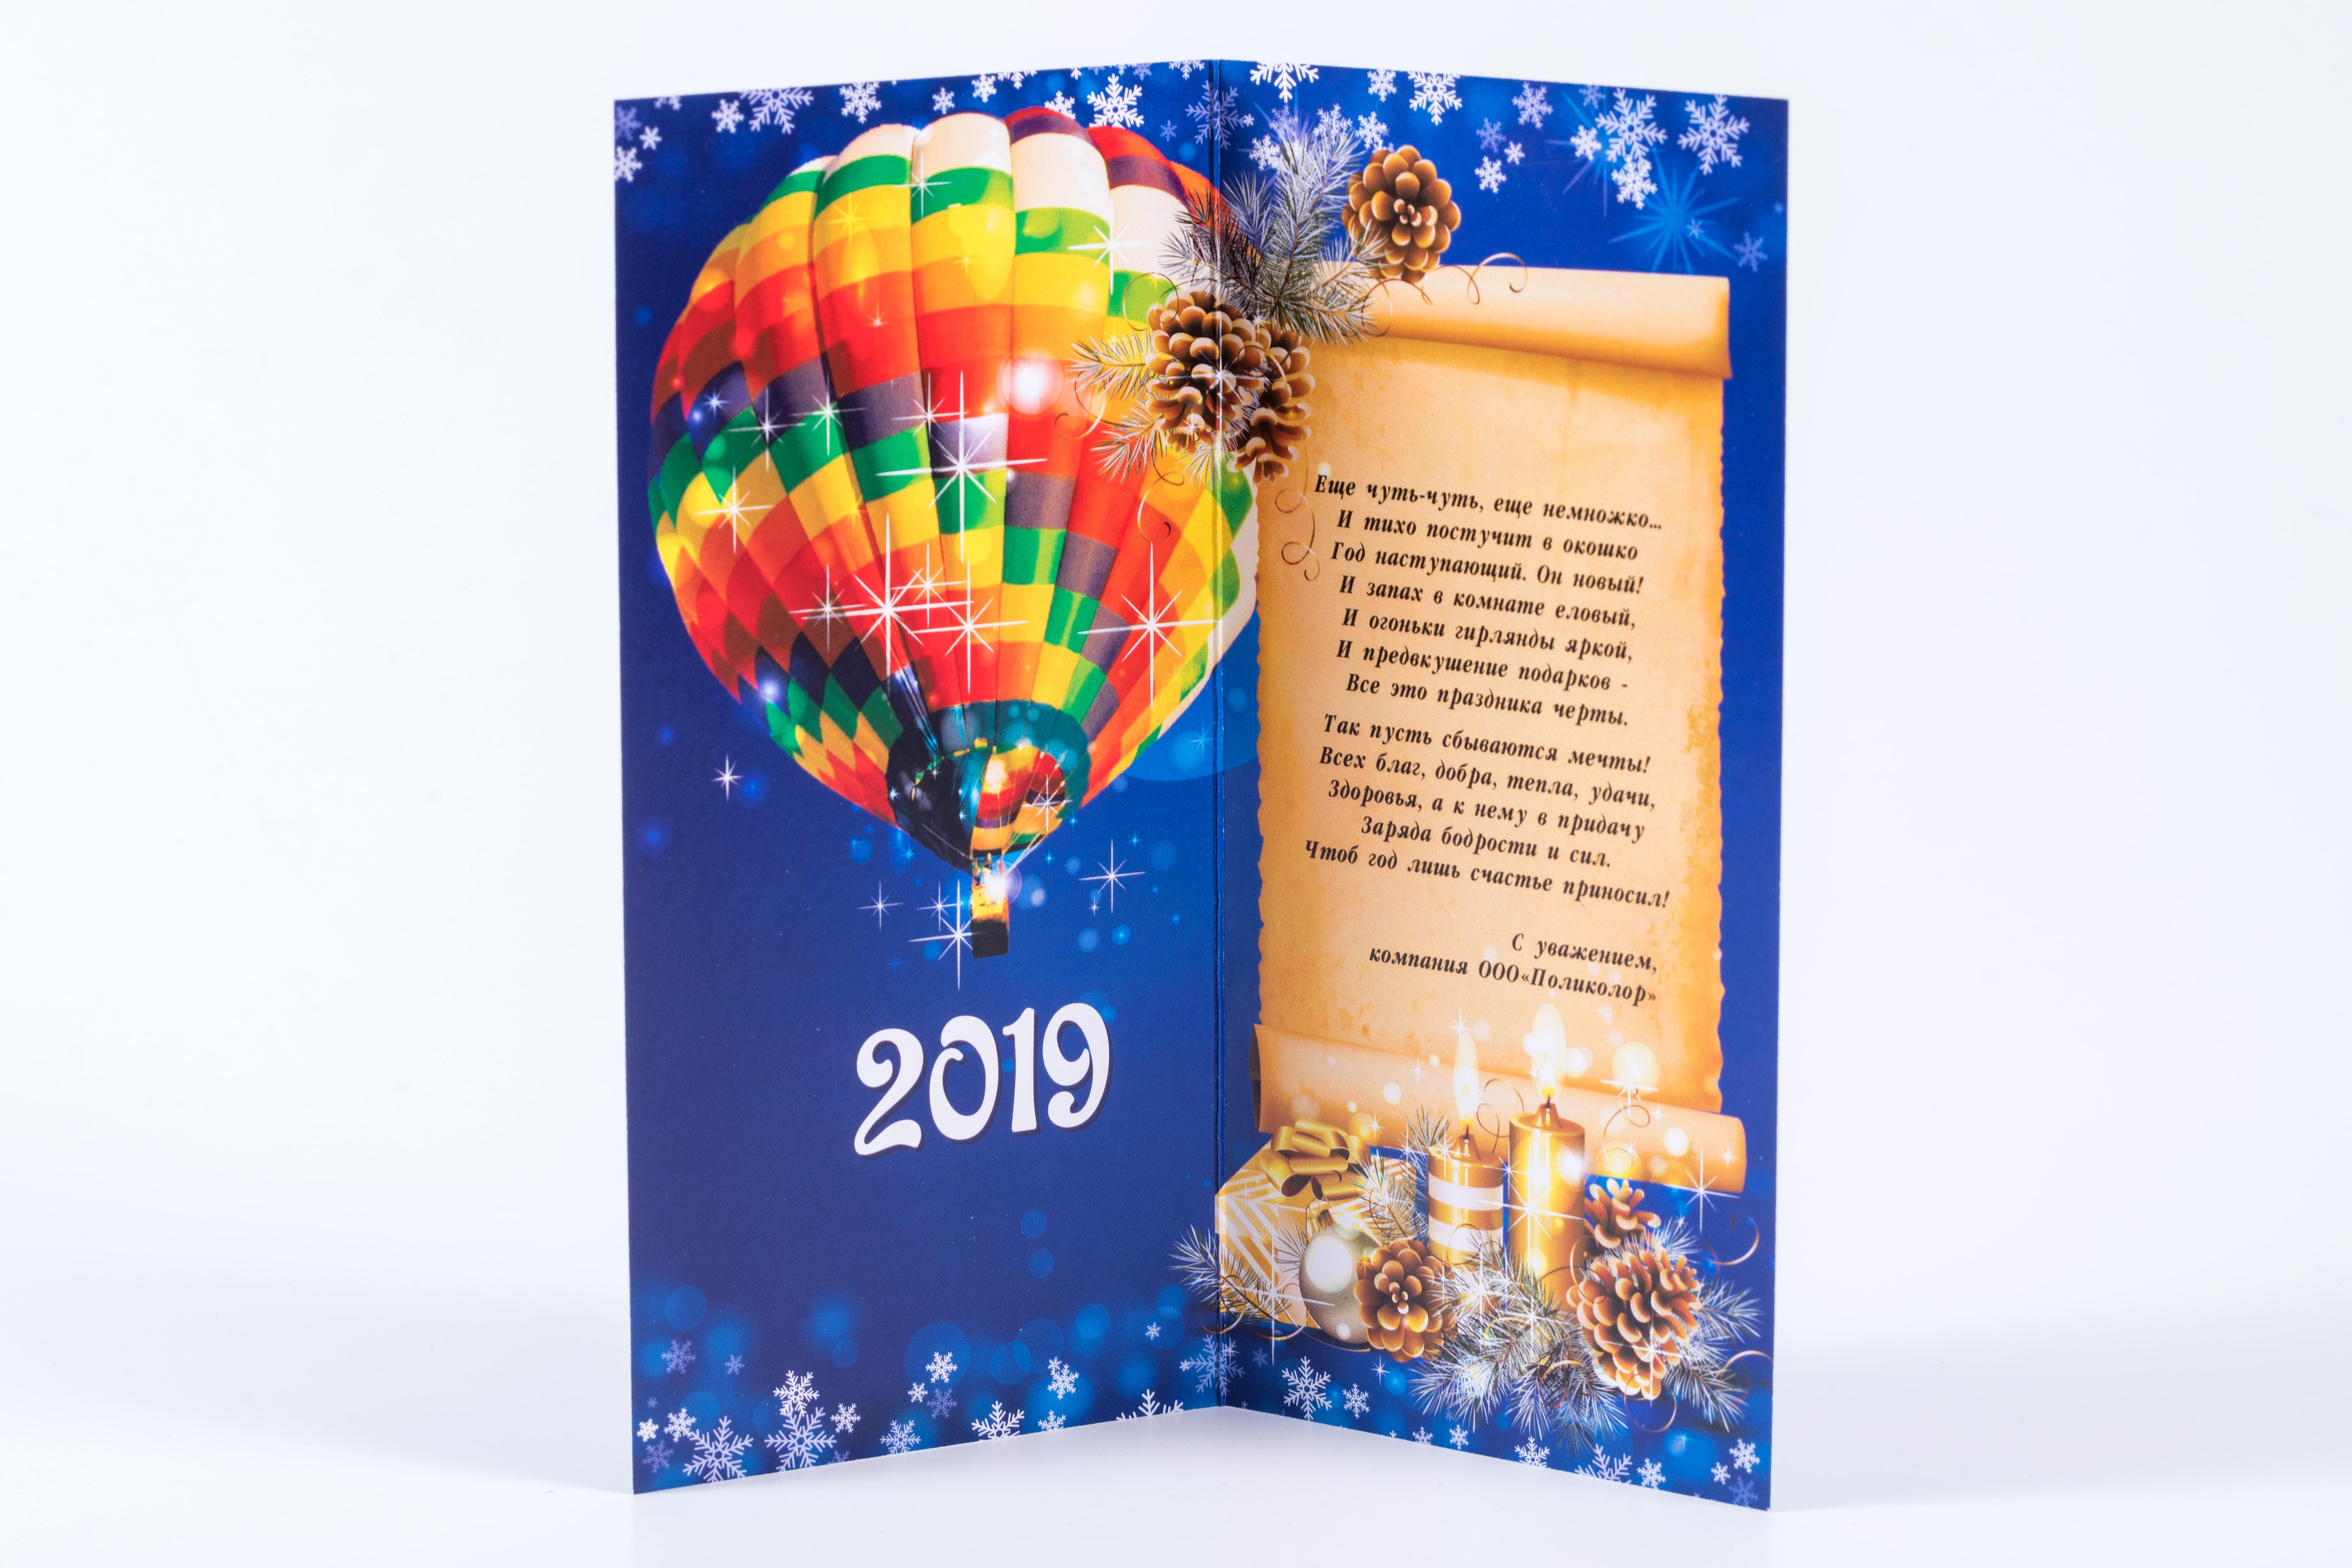 389aa1fae94c2 Печать открыток - изготовление поздравительных открыток на заказ в ...